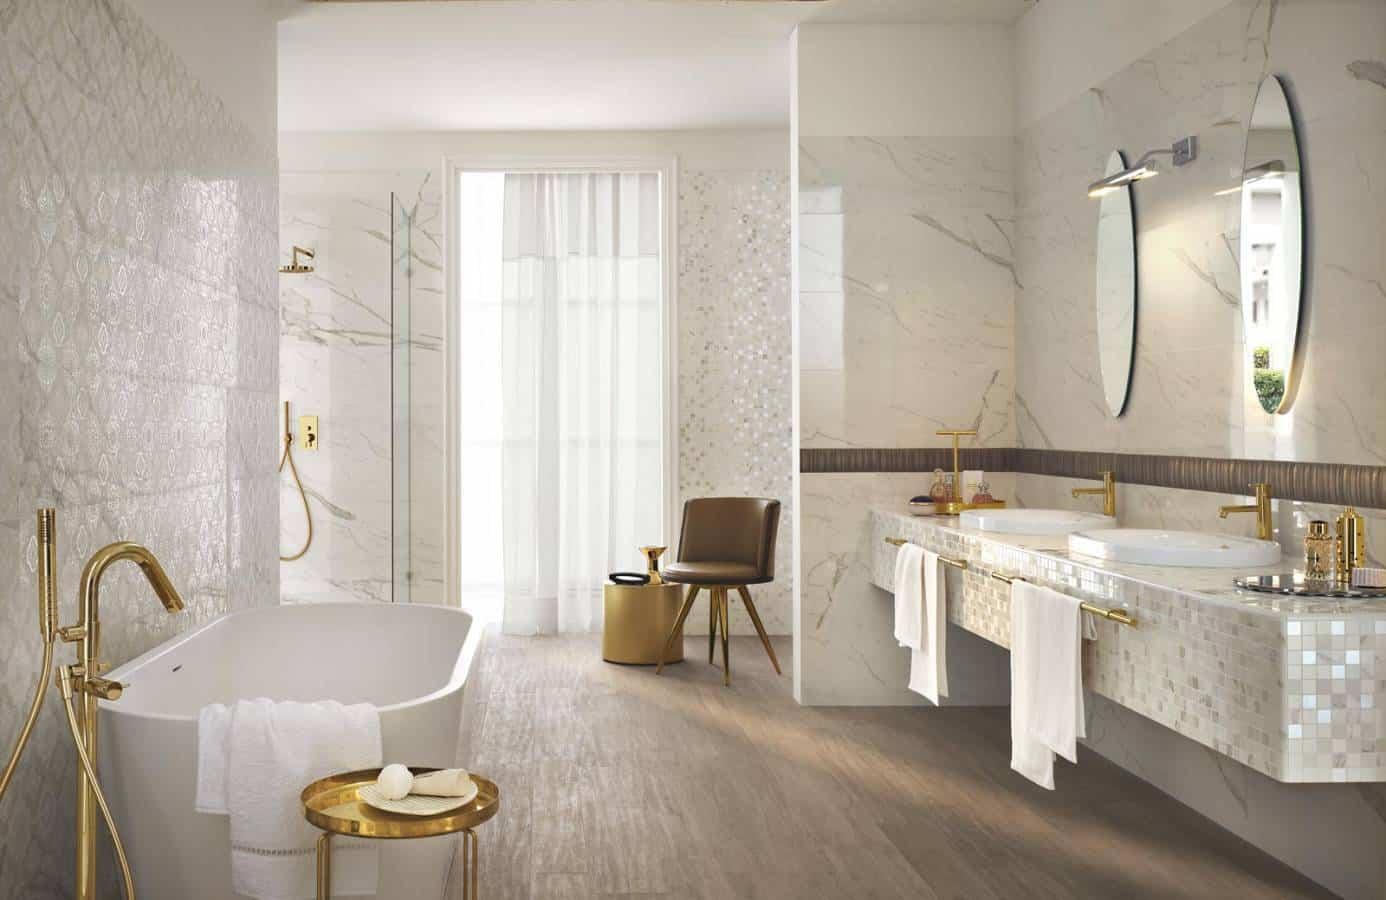 Come scegliere i rivestimenti e le piastrelle per il bagno - Rivestimenti per il bagno ...